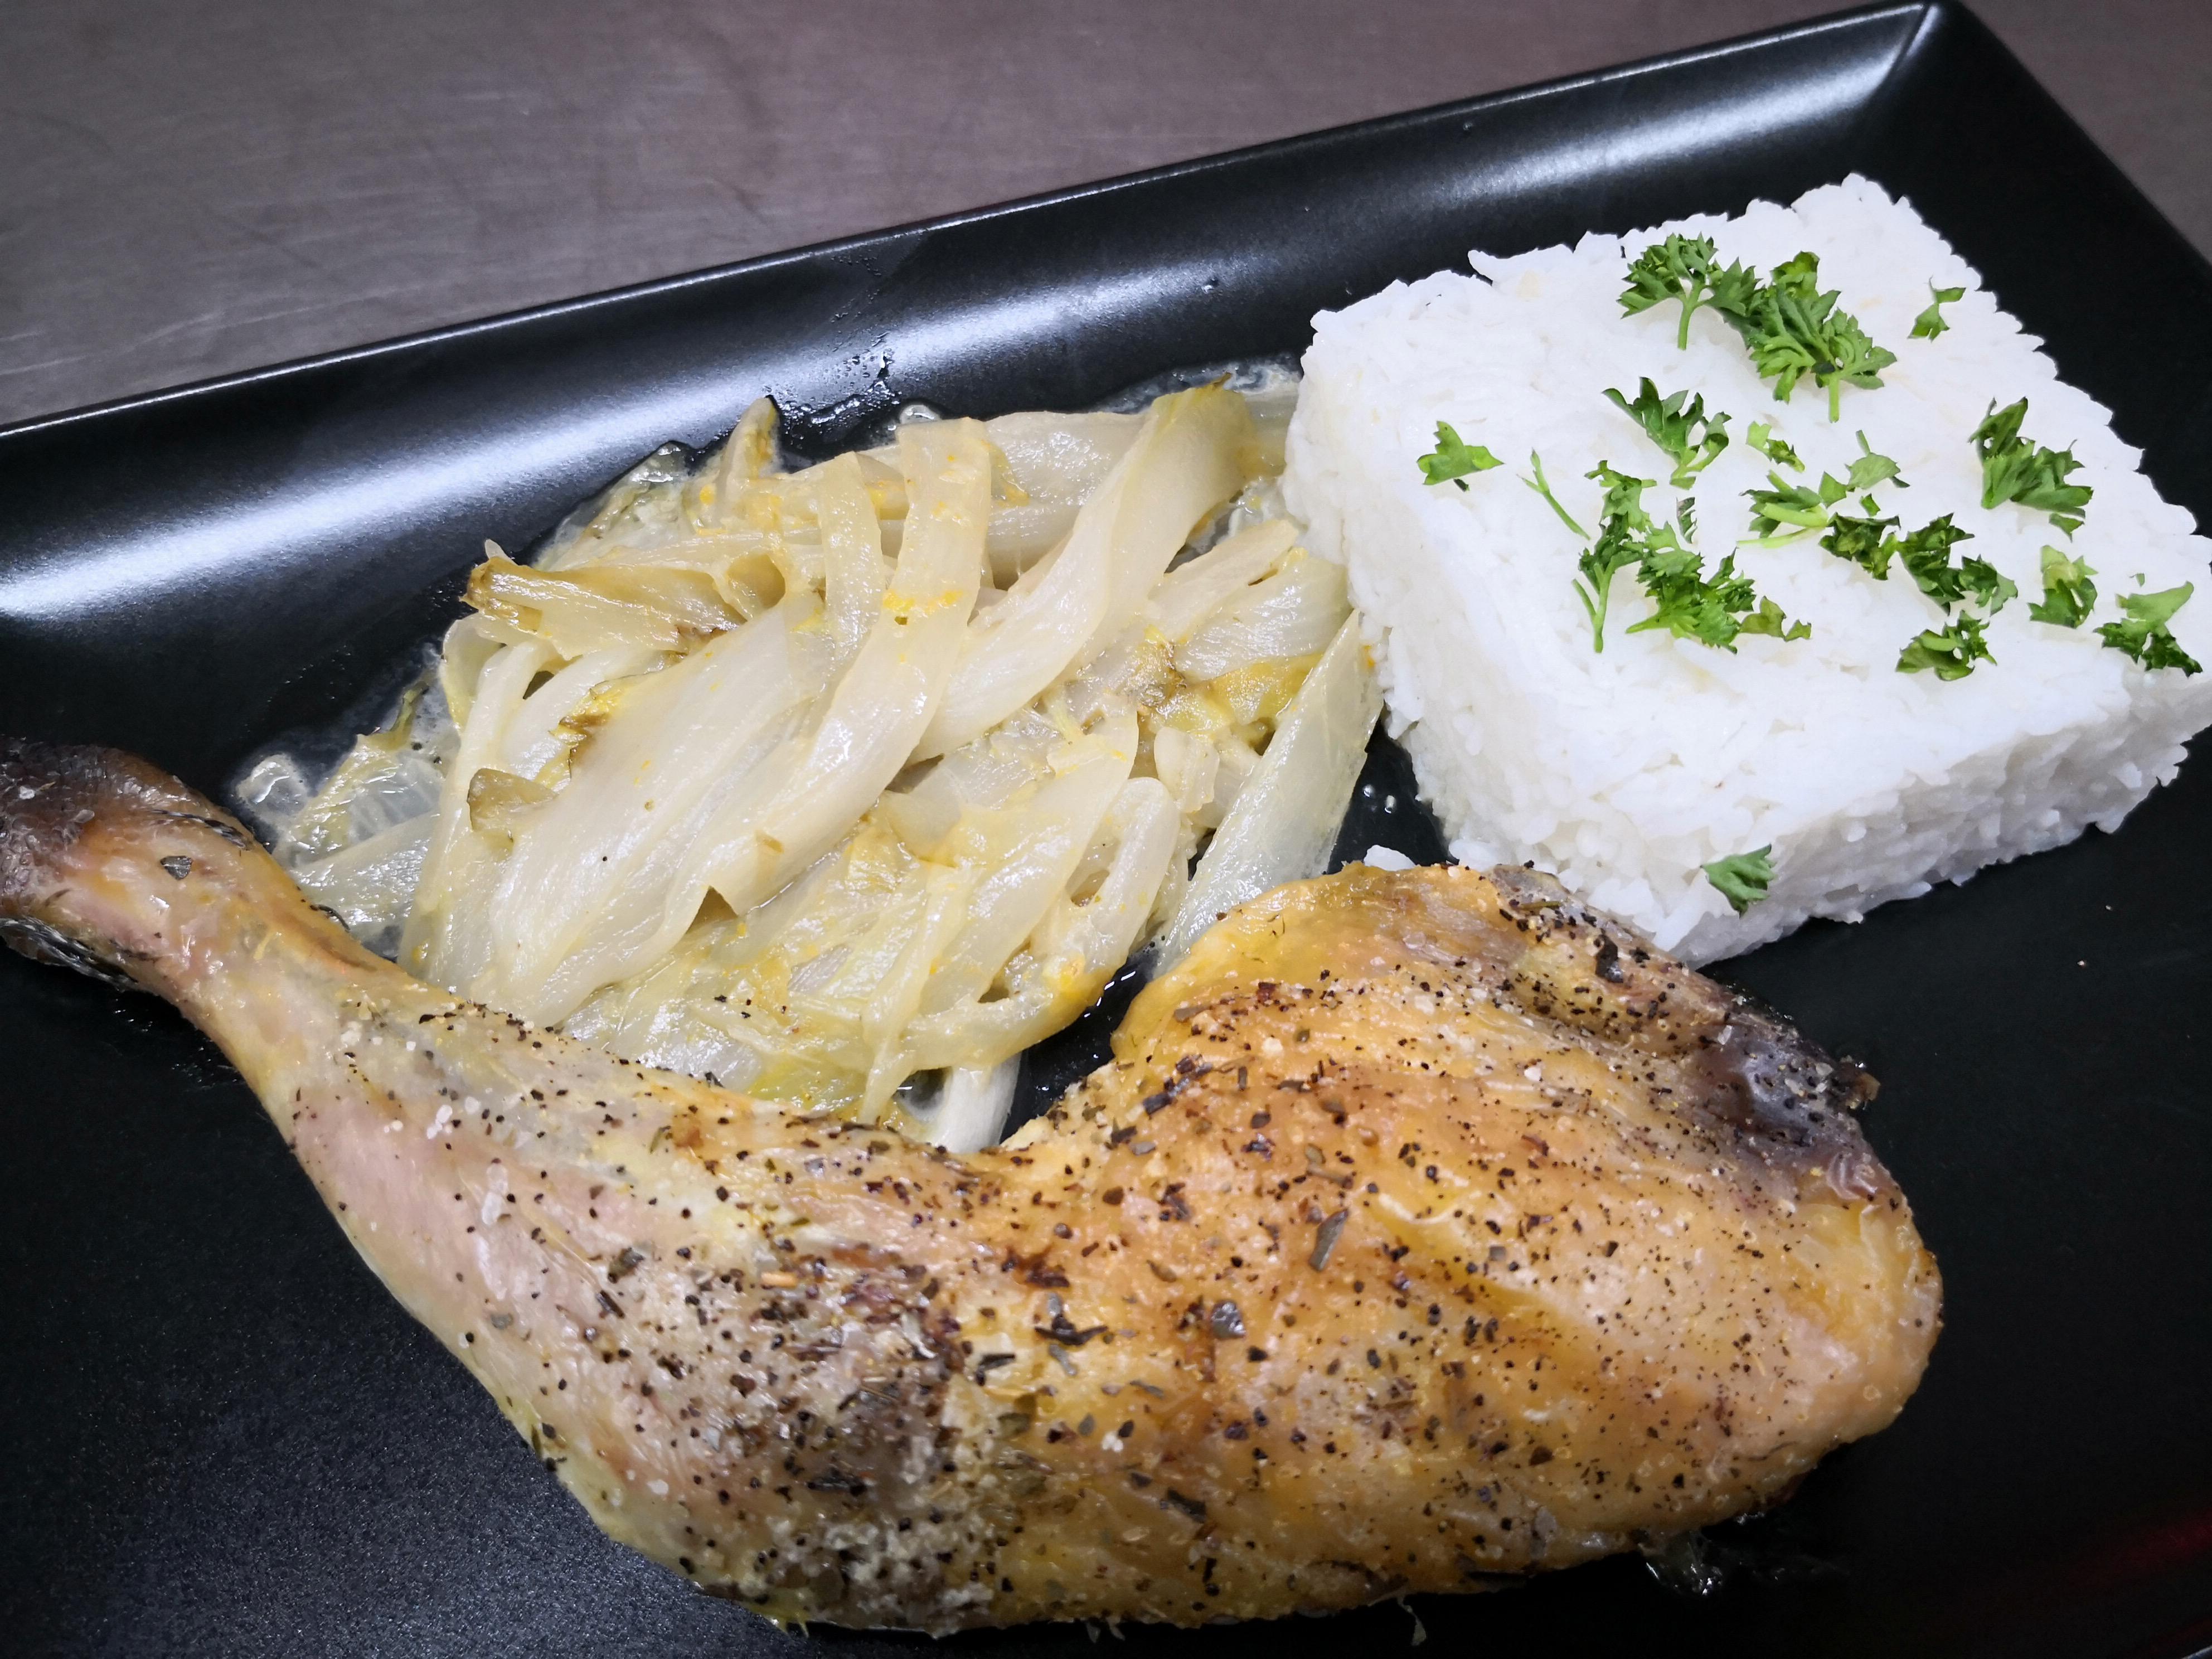 cuisse de poulet grillée